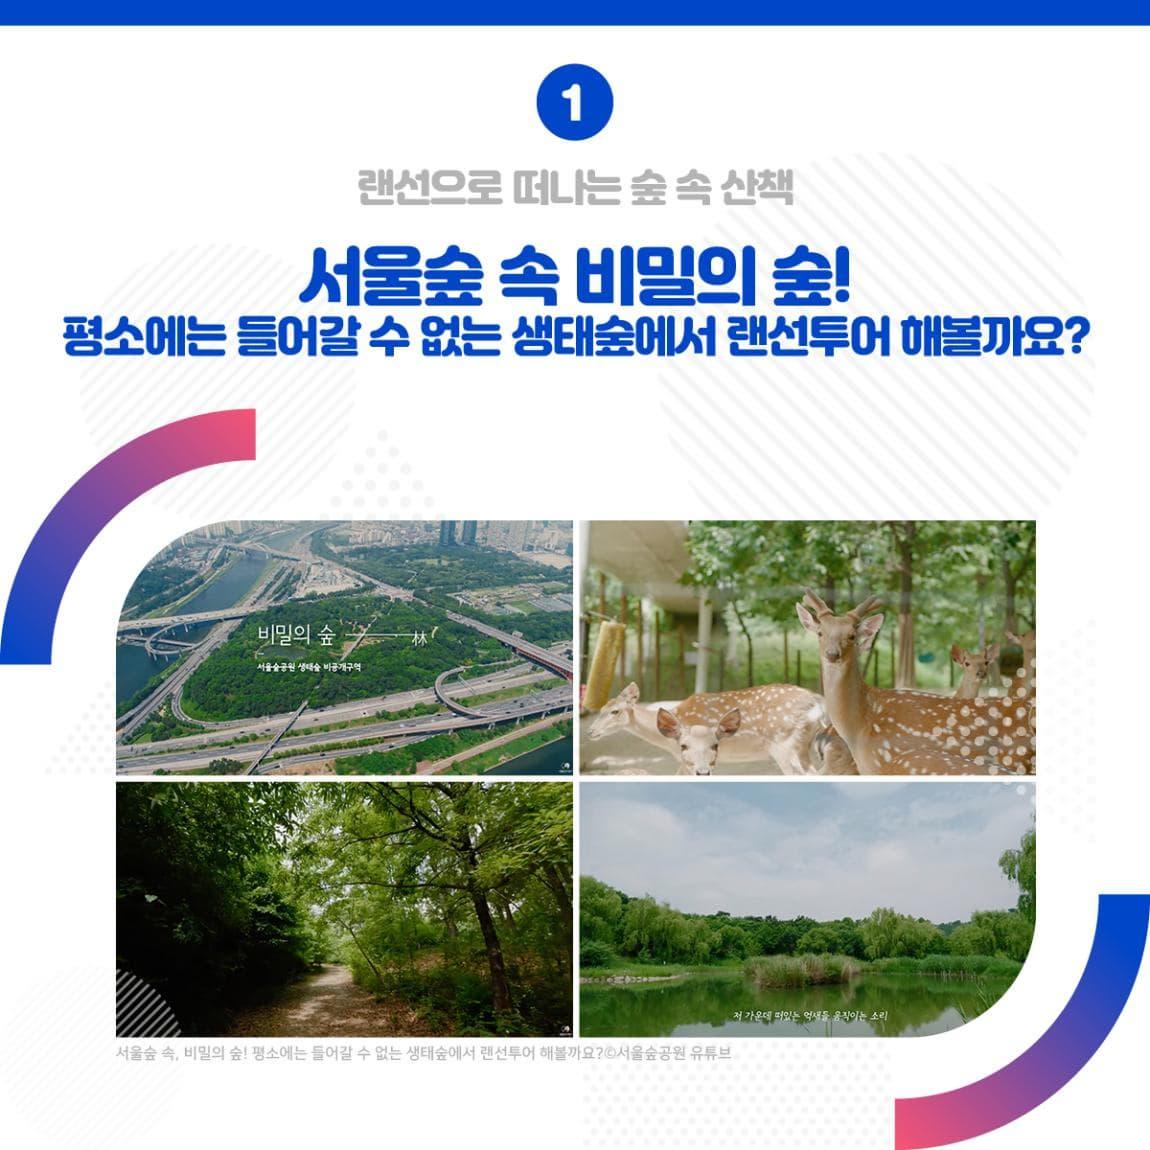 랜선으로 떠나는 숲 속 산책 <서울숲 속 비밀의 숲! 평소에는 들어갈 수 없는 생태숲에서 랜선투어 해볼까요?>